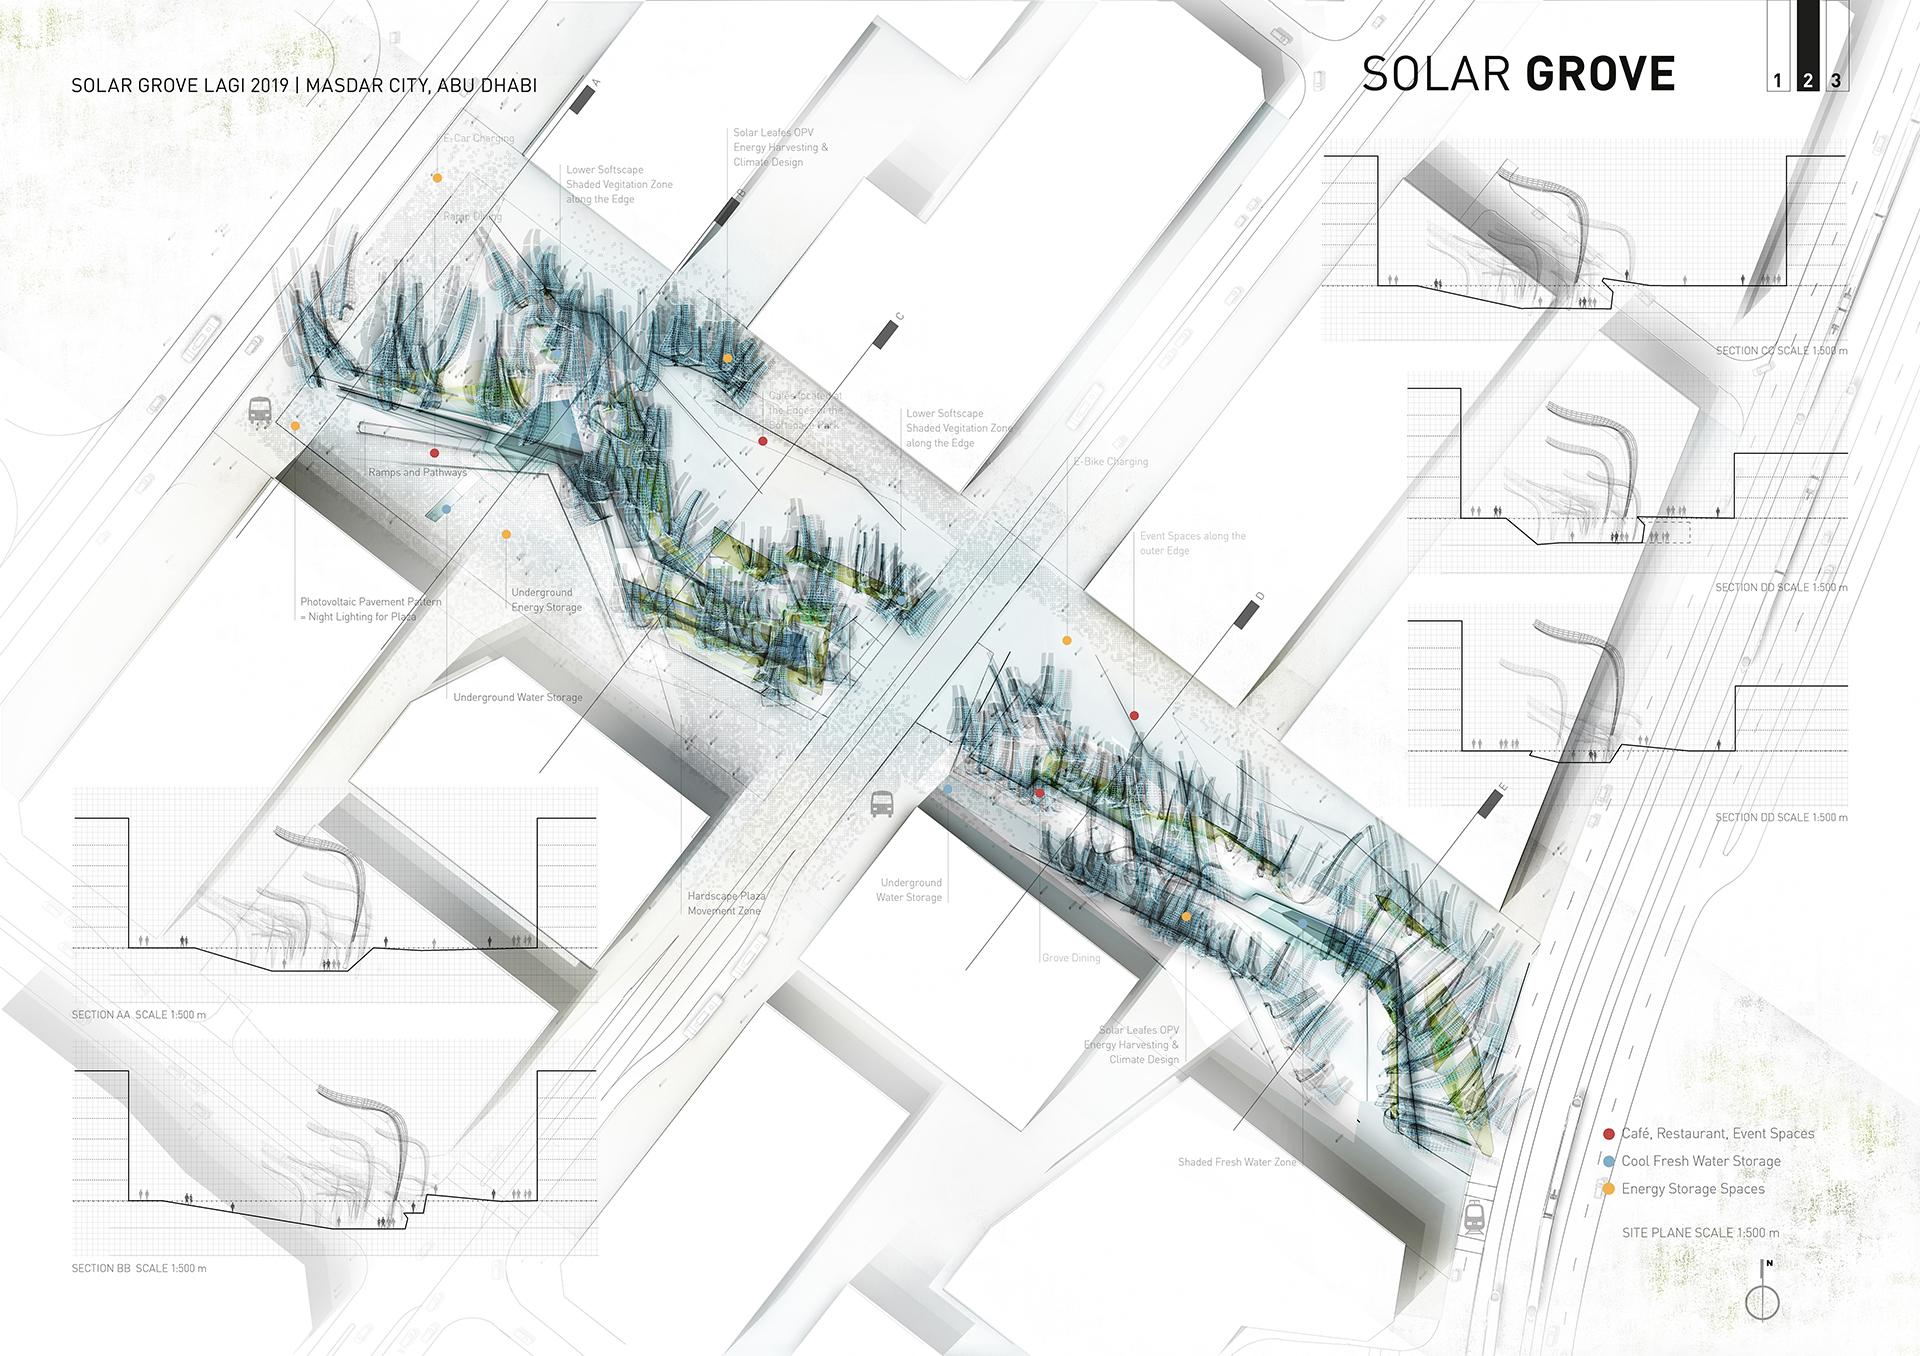 Lageplan des Standortes in Masdar City